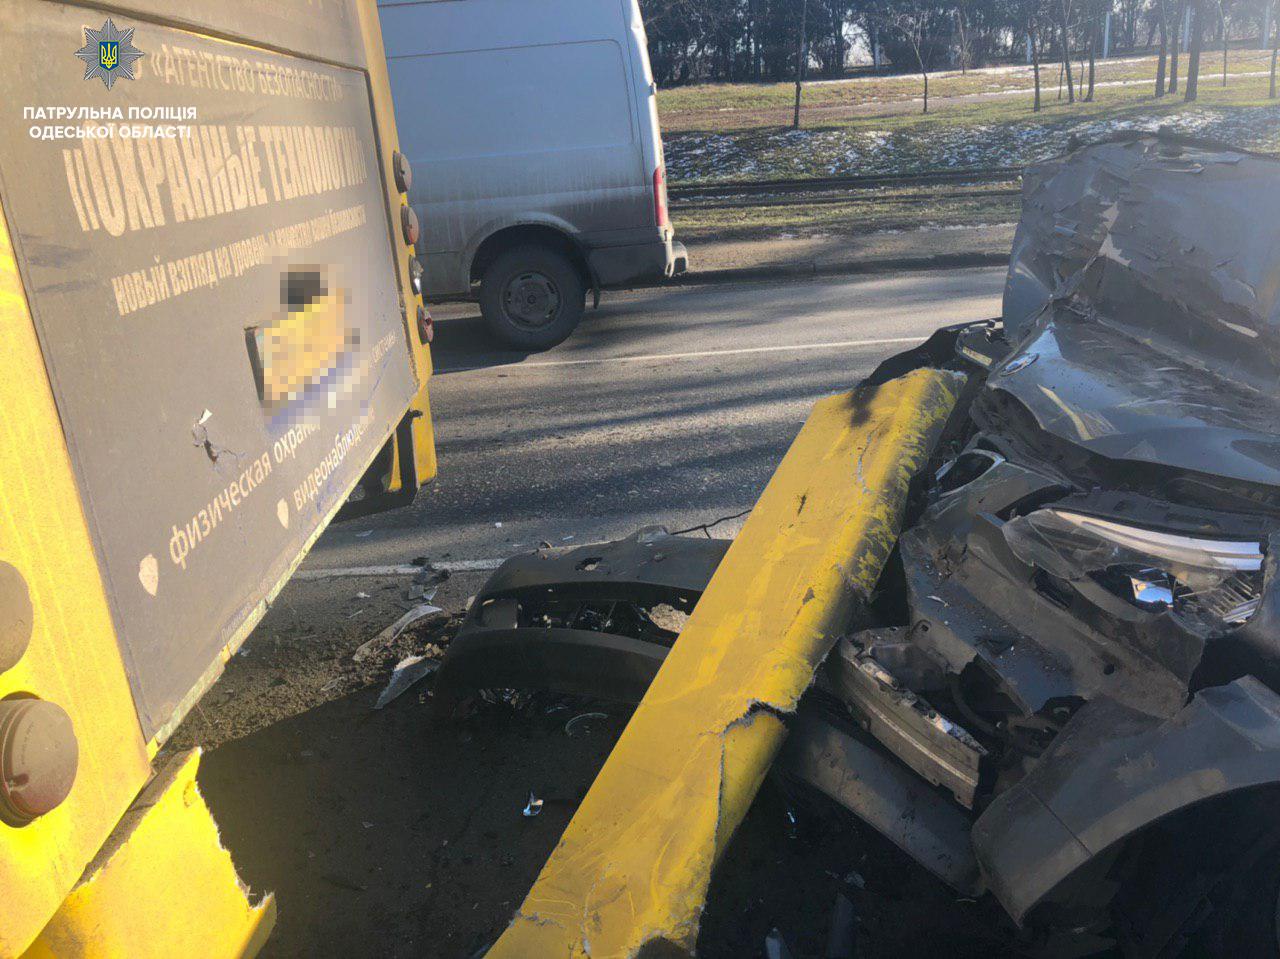 В Одессе произошло ДТП с участием маршрутки, есть пострадавшие, - ФОТО, фото-1, Фото: Патрульная полиция